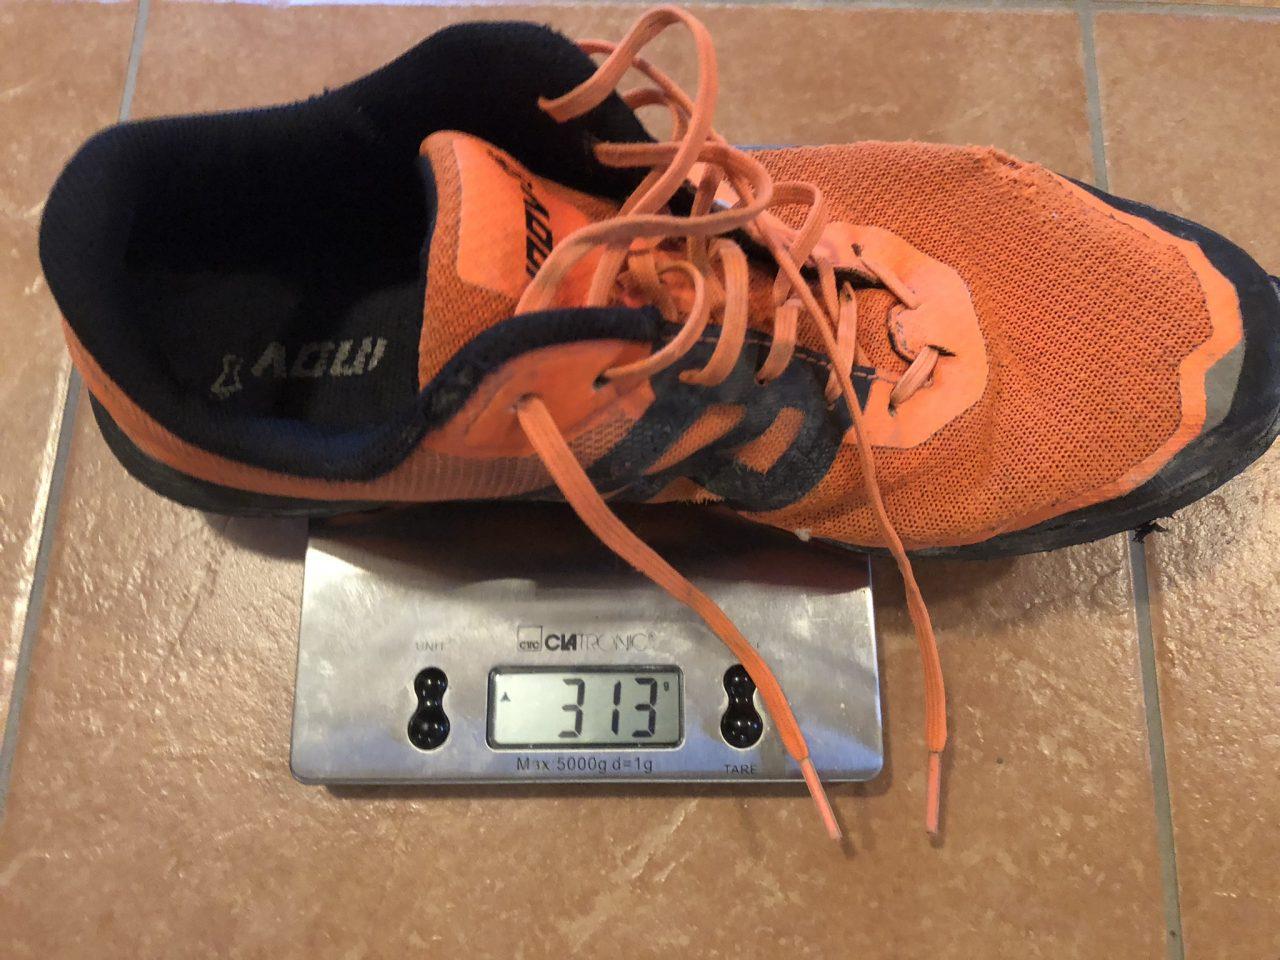 Gewicht Trailroc